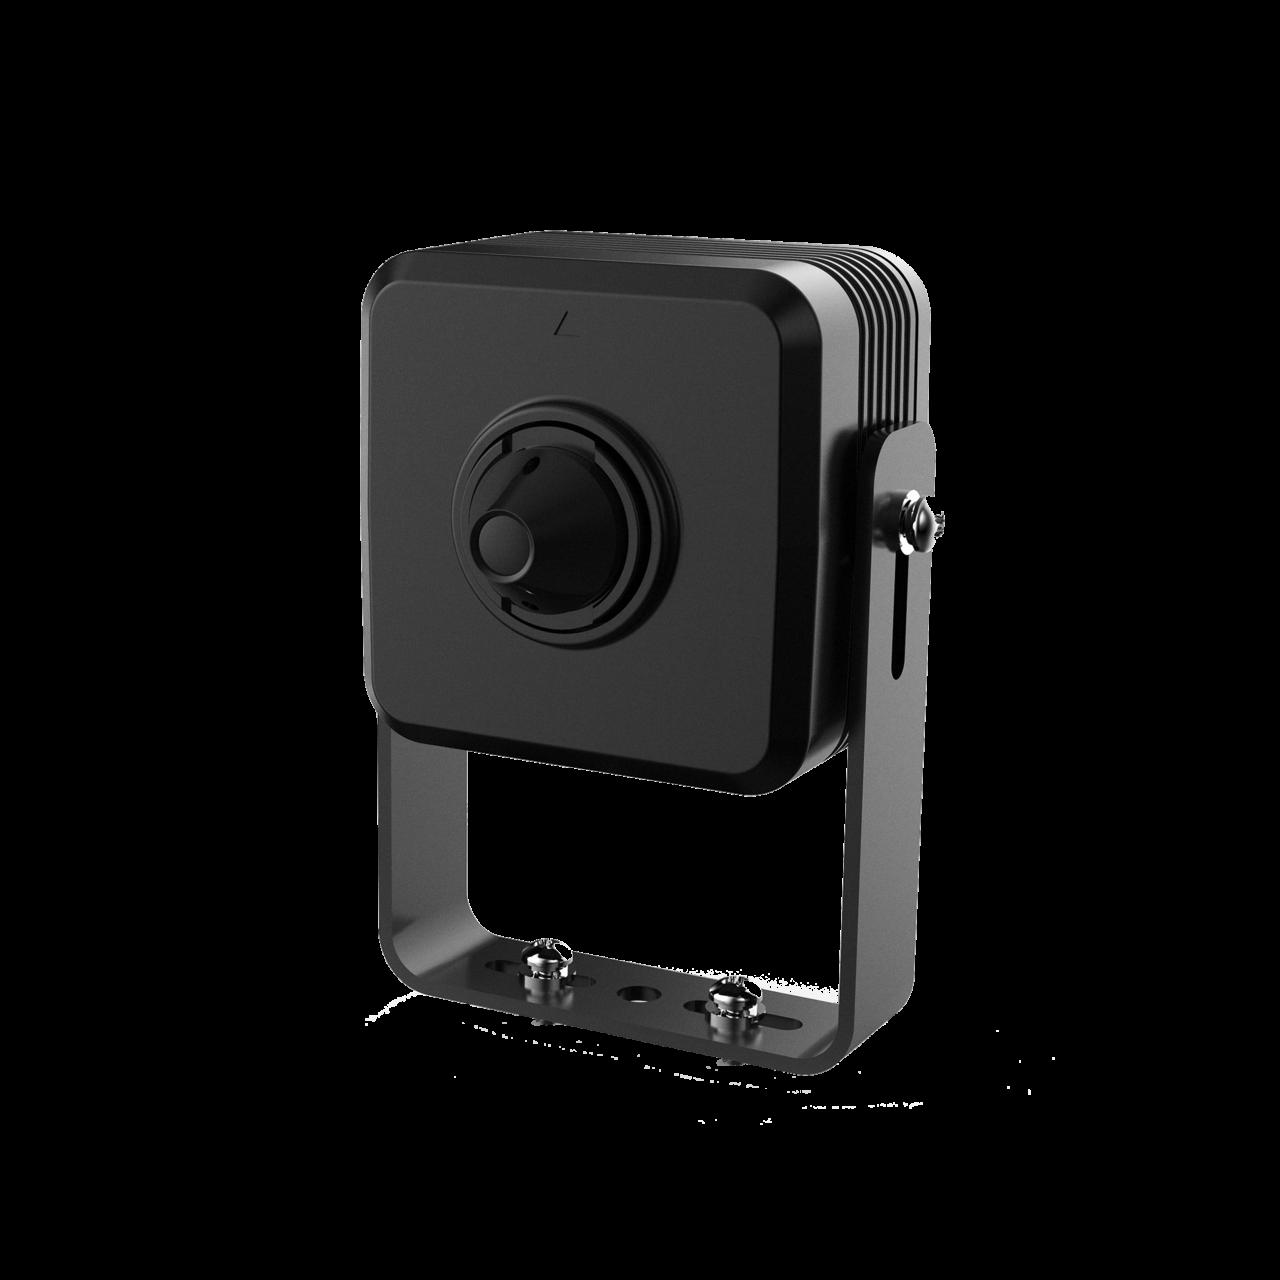 TURM IP Lite 2 MP Mini Kamera mit 2.8mm Nadelöhr Objektiv